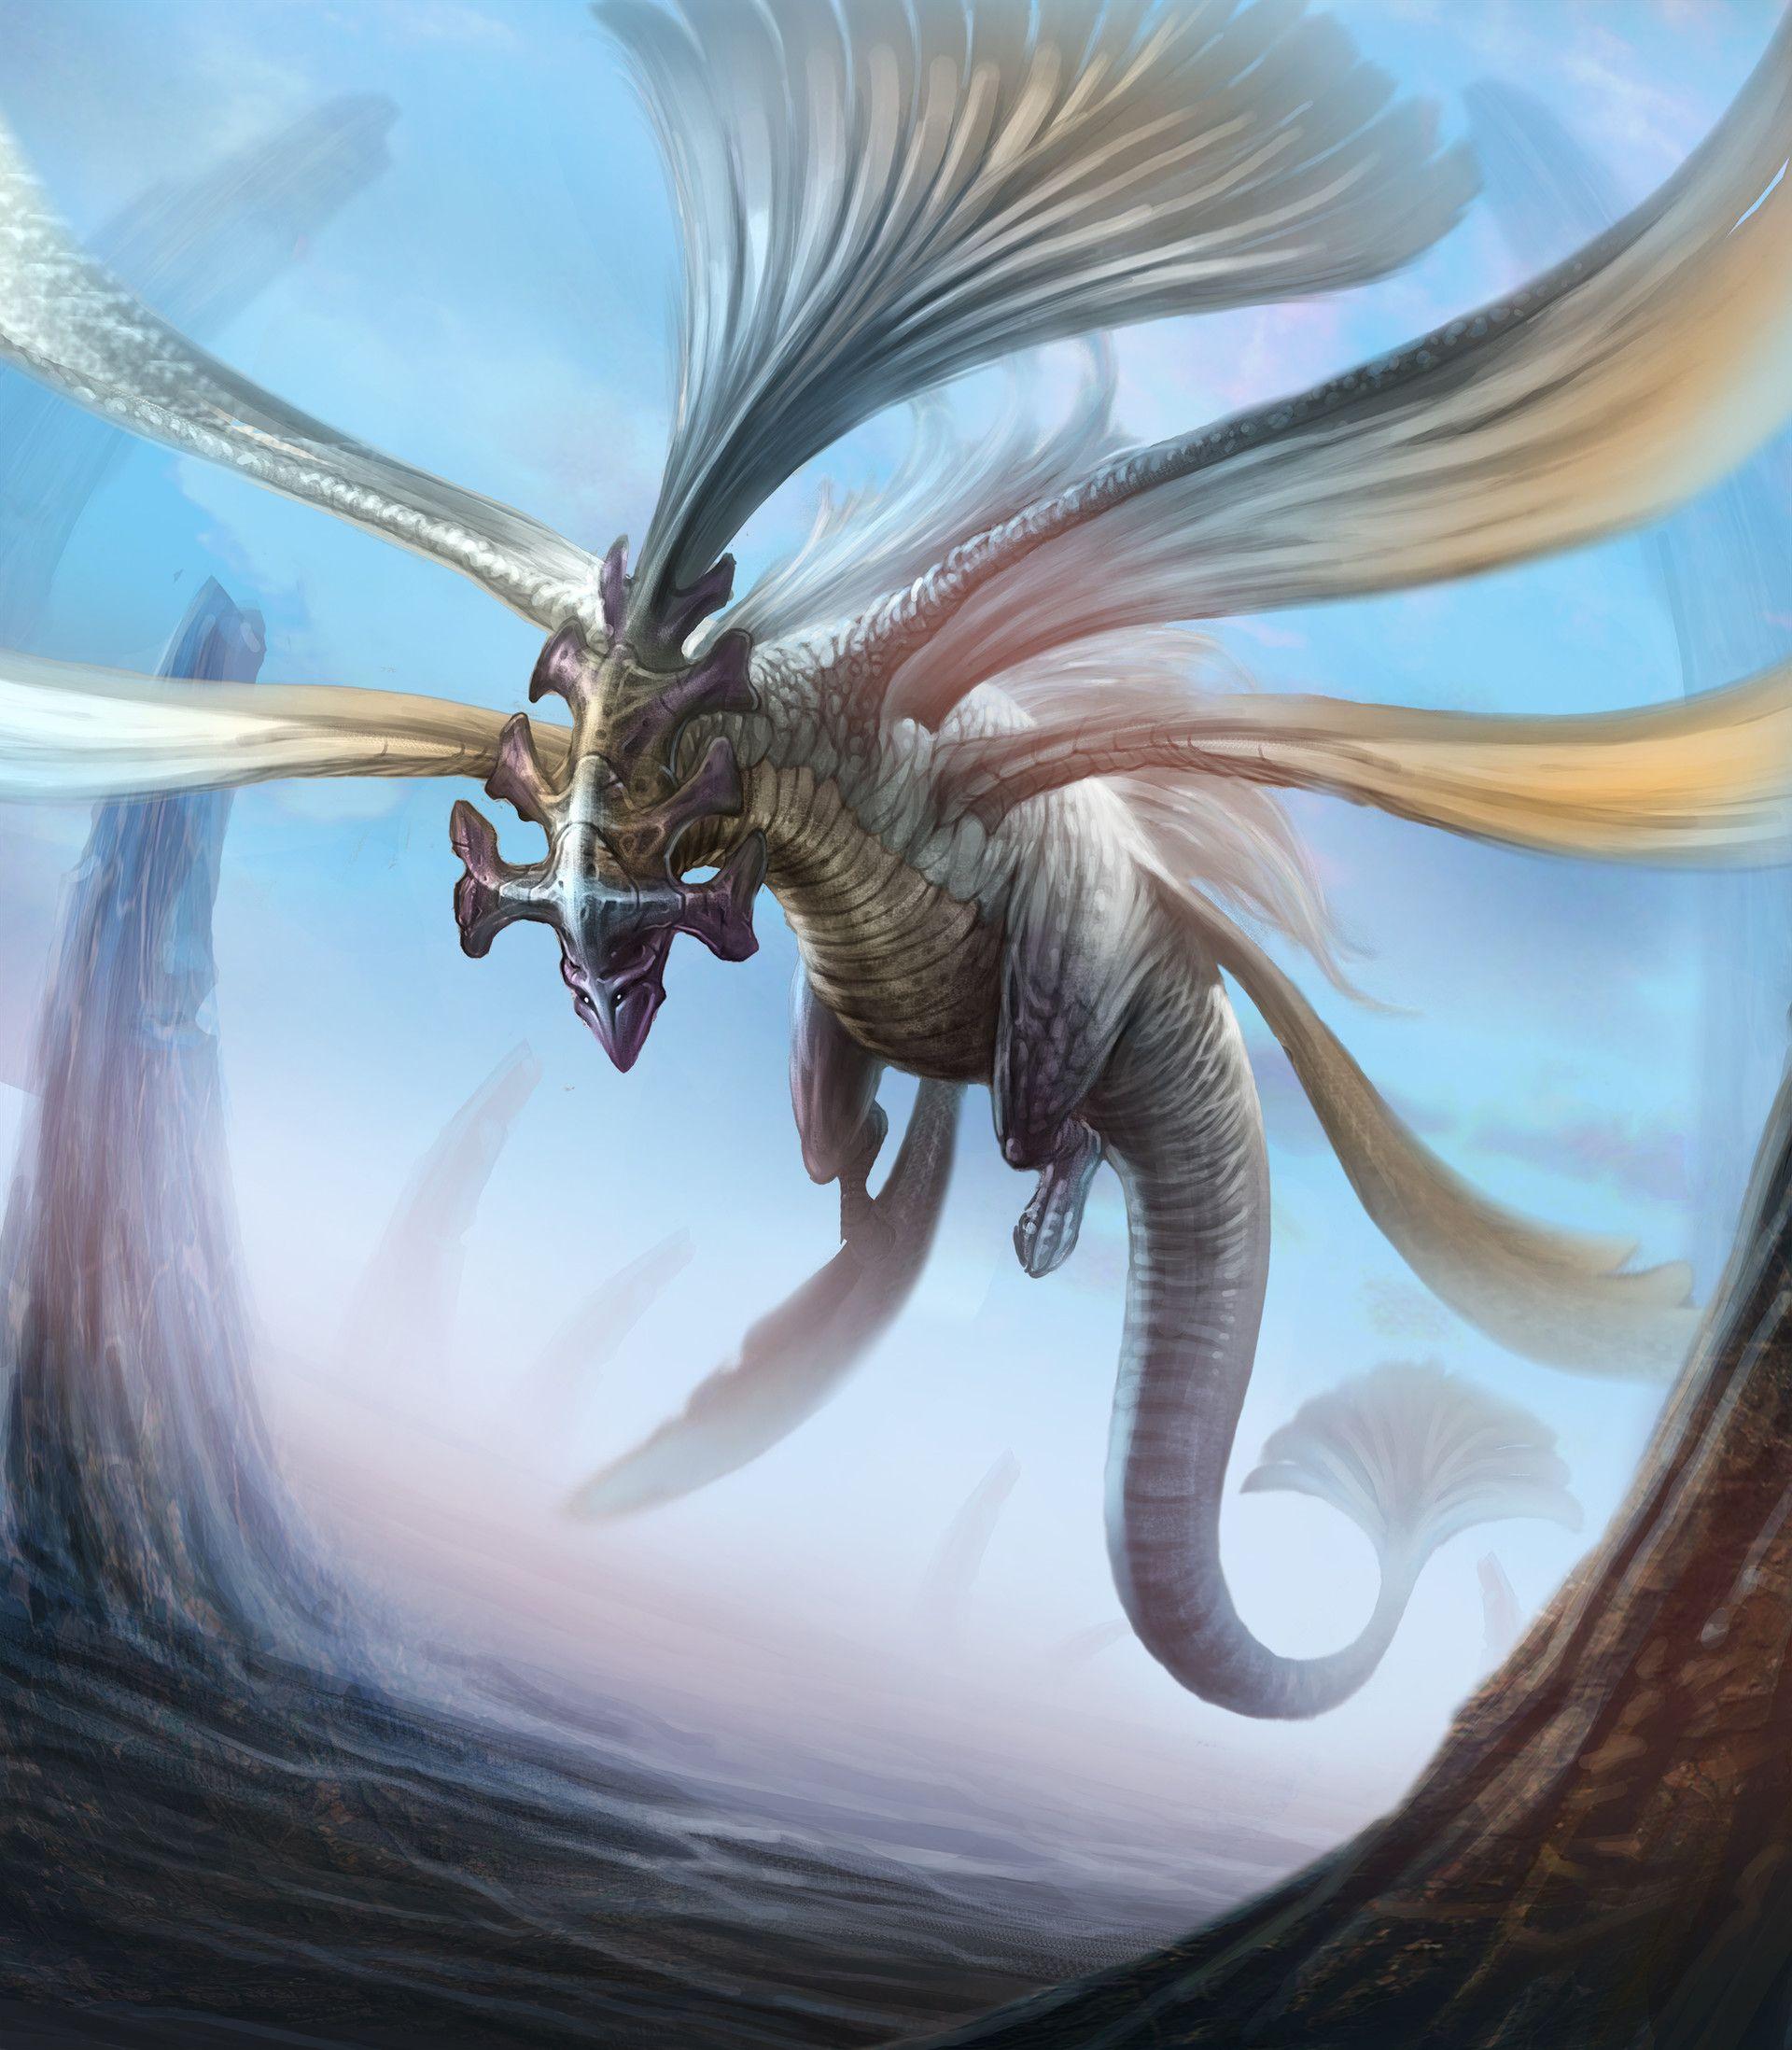 картинки ветреного дракона чрезвычайно красивой фигурой